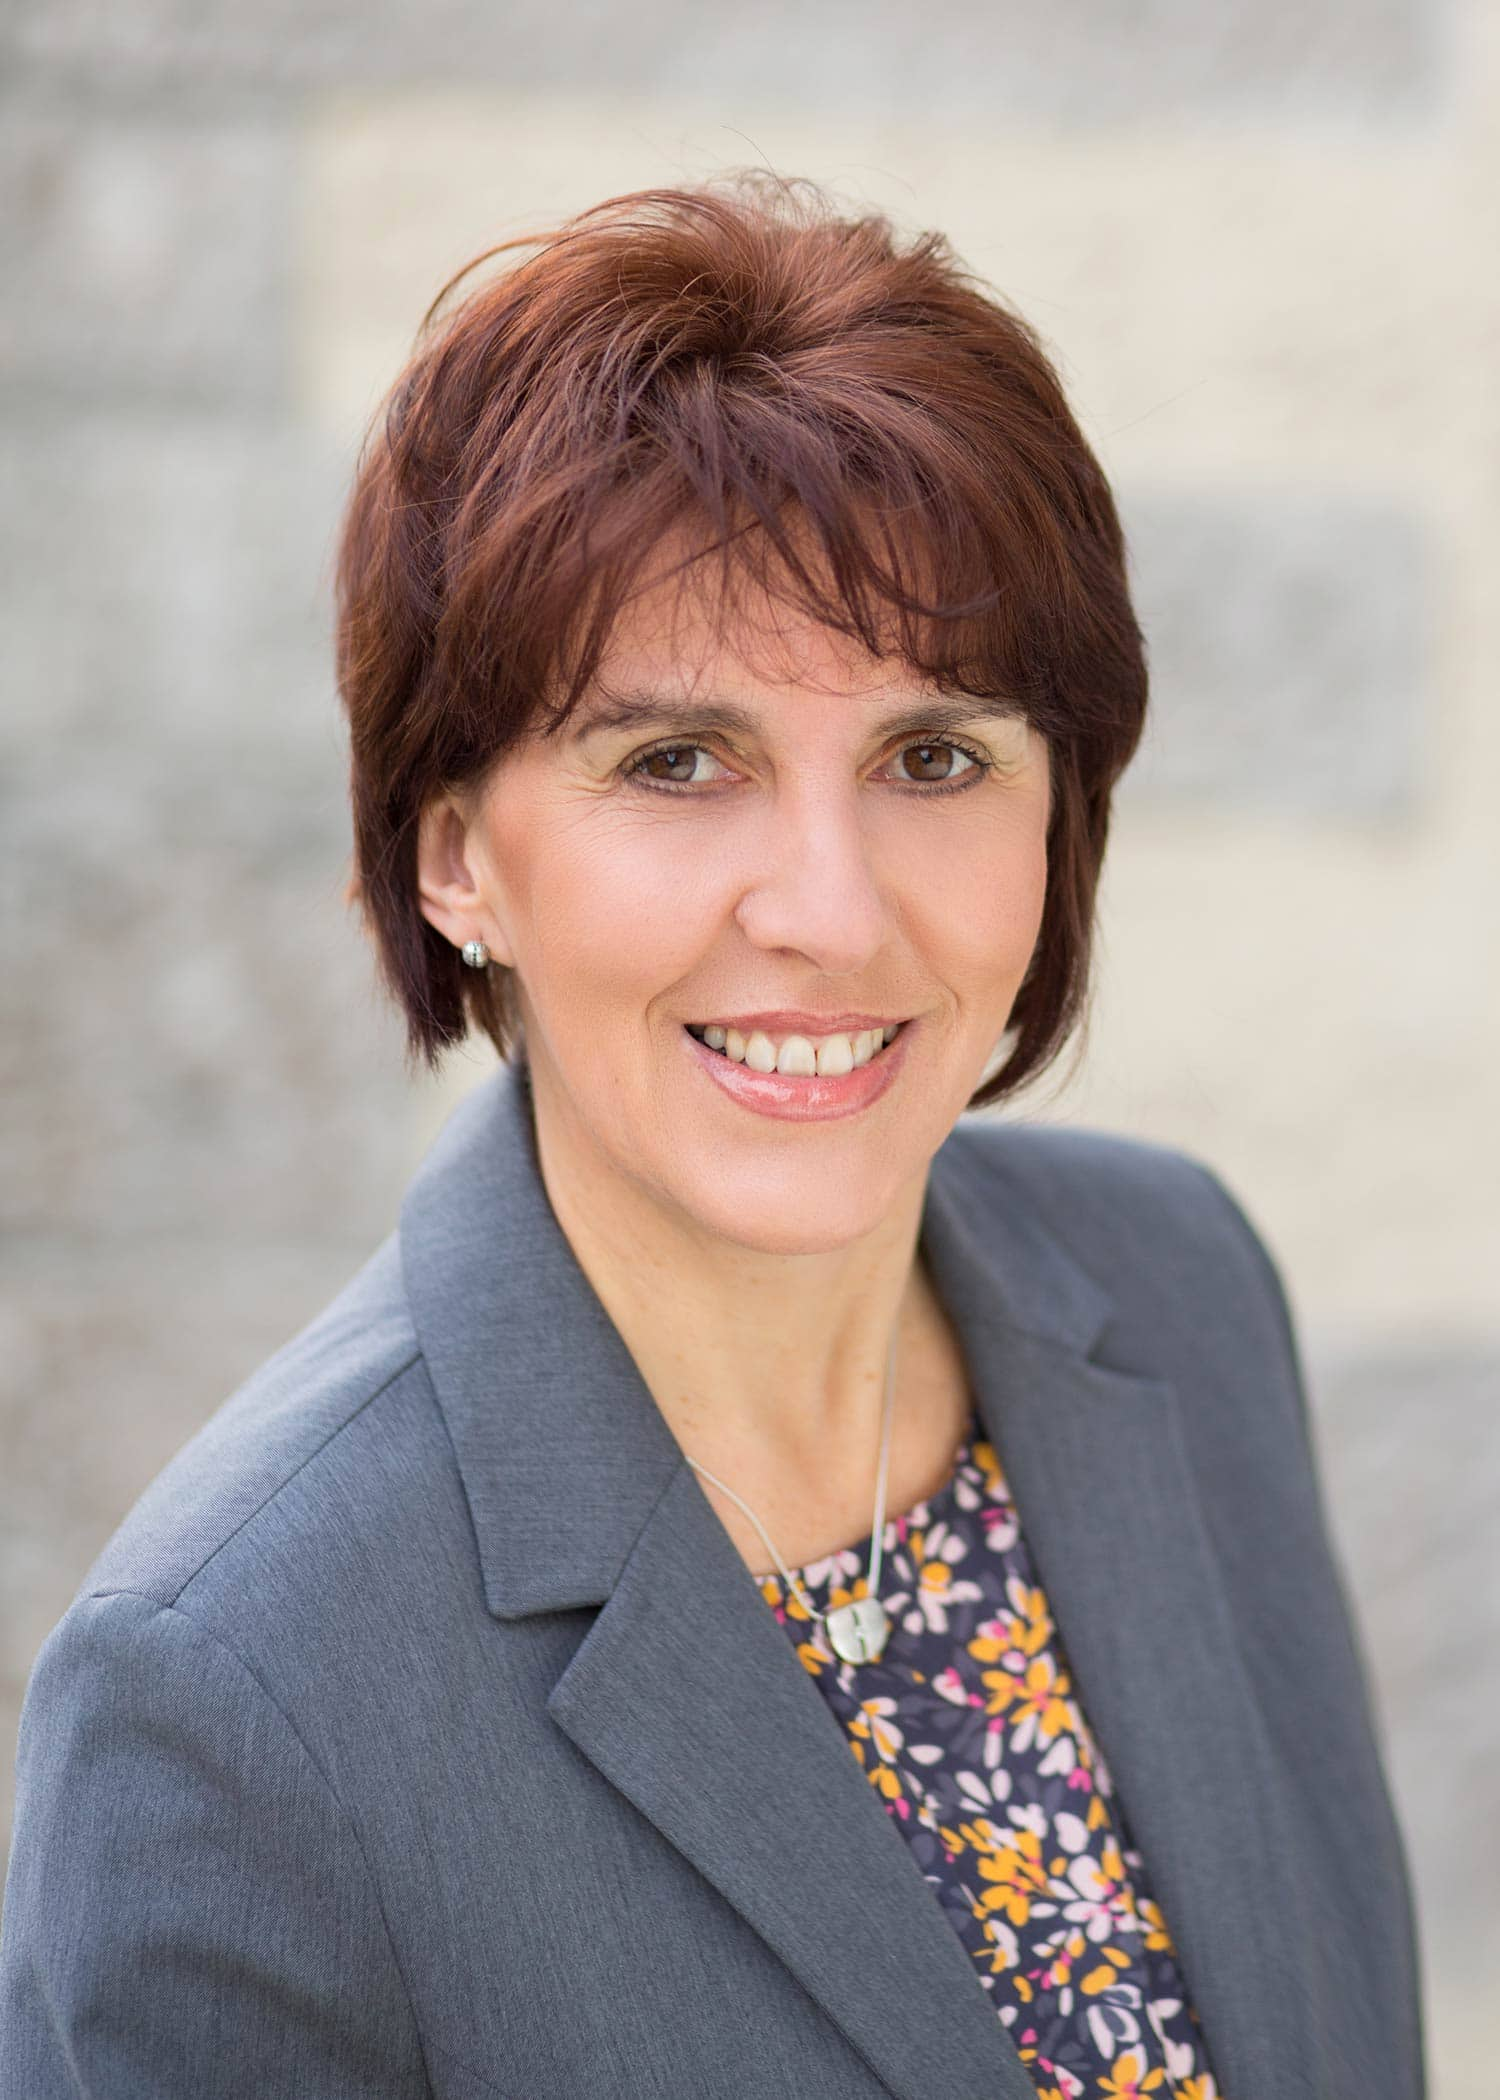 In Mintraching hatte die seit 2014 amtierende Bürgermeisterin Angelika Ritt-Frank (SPD) zwei Gegenkandidaten und wurde mit 69,43 Prozent wiedergewählt. Die Wahlbeteiligung liegt bei 67,62 Prozent. Foto: Graggo